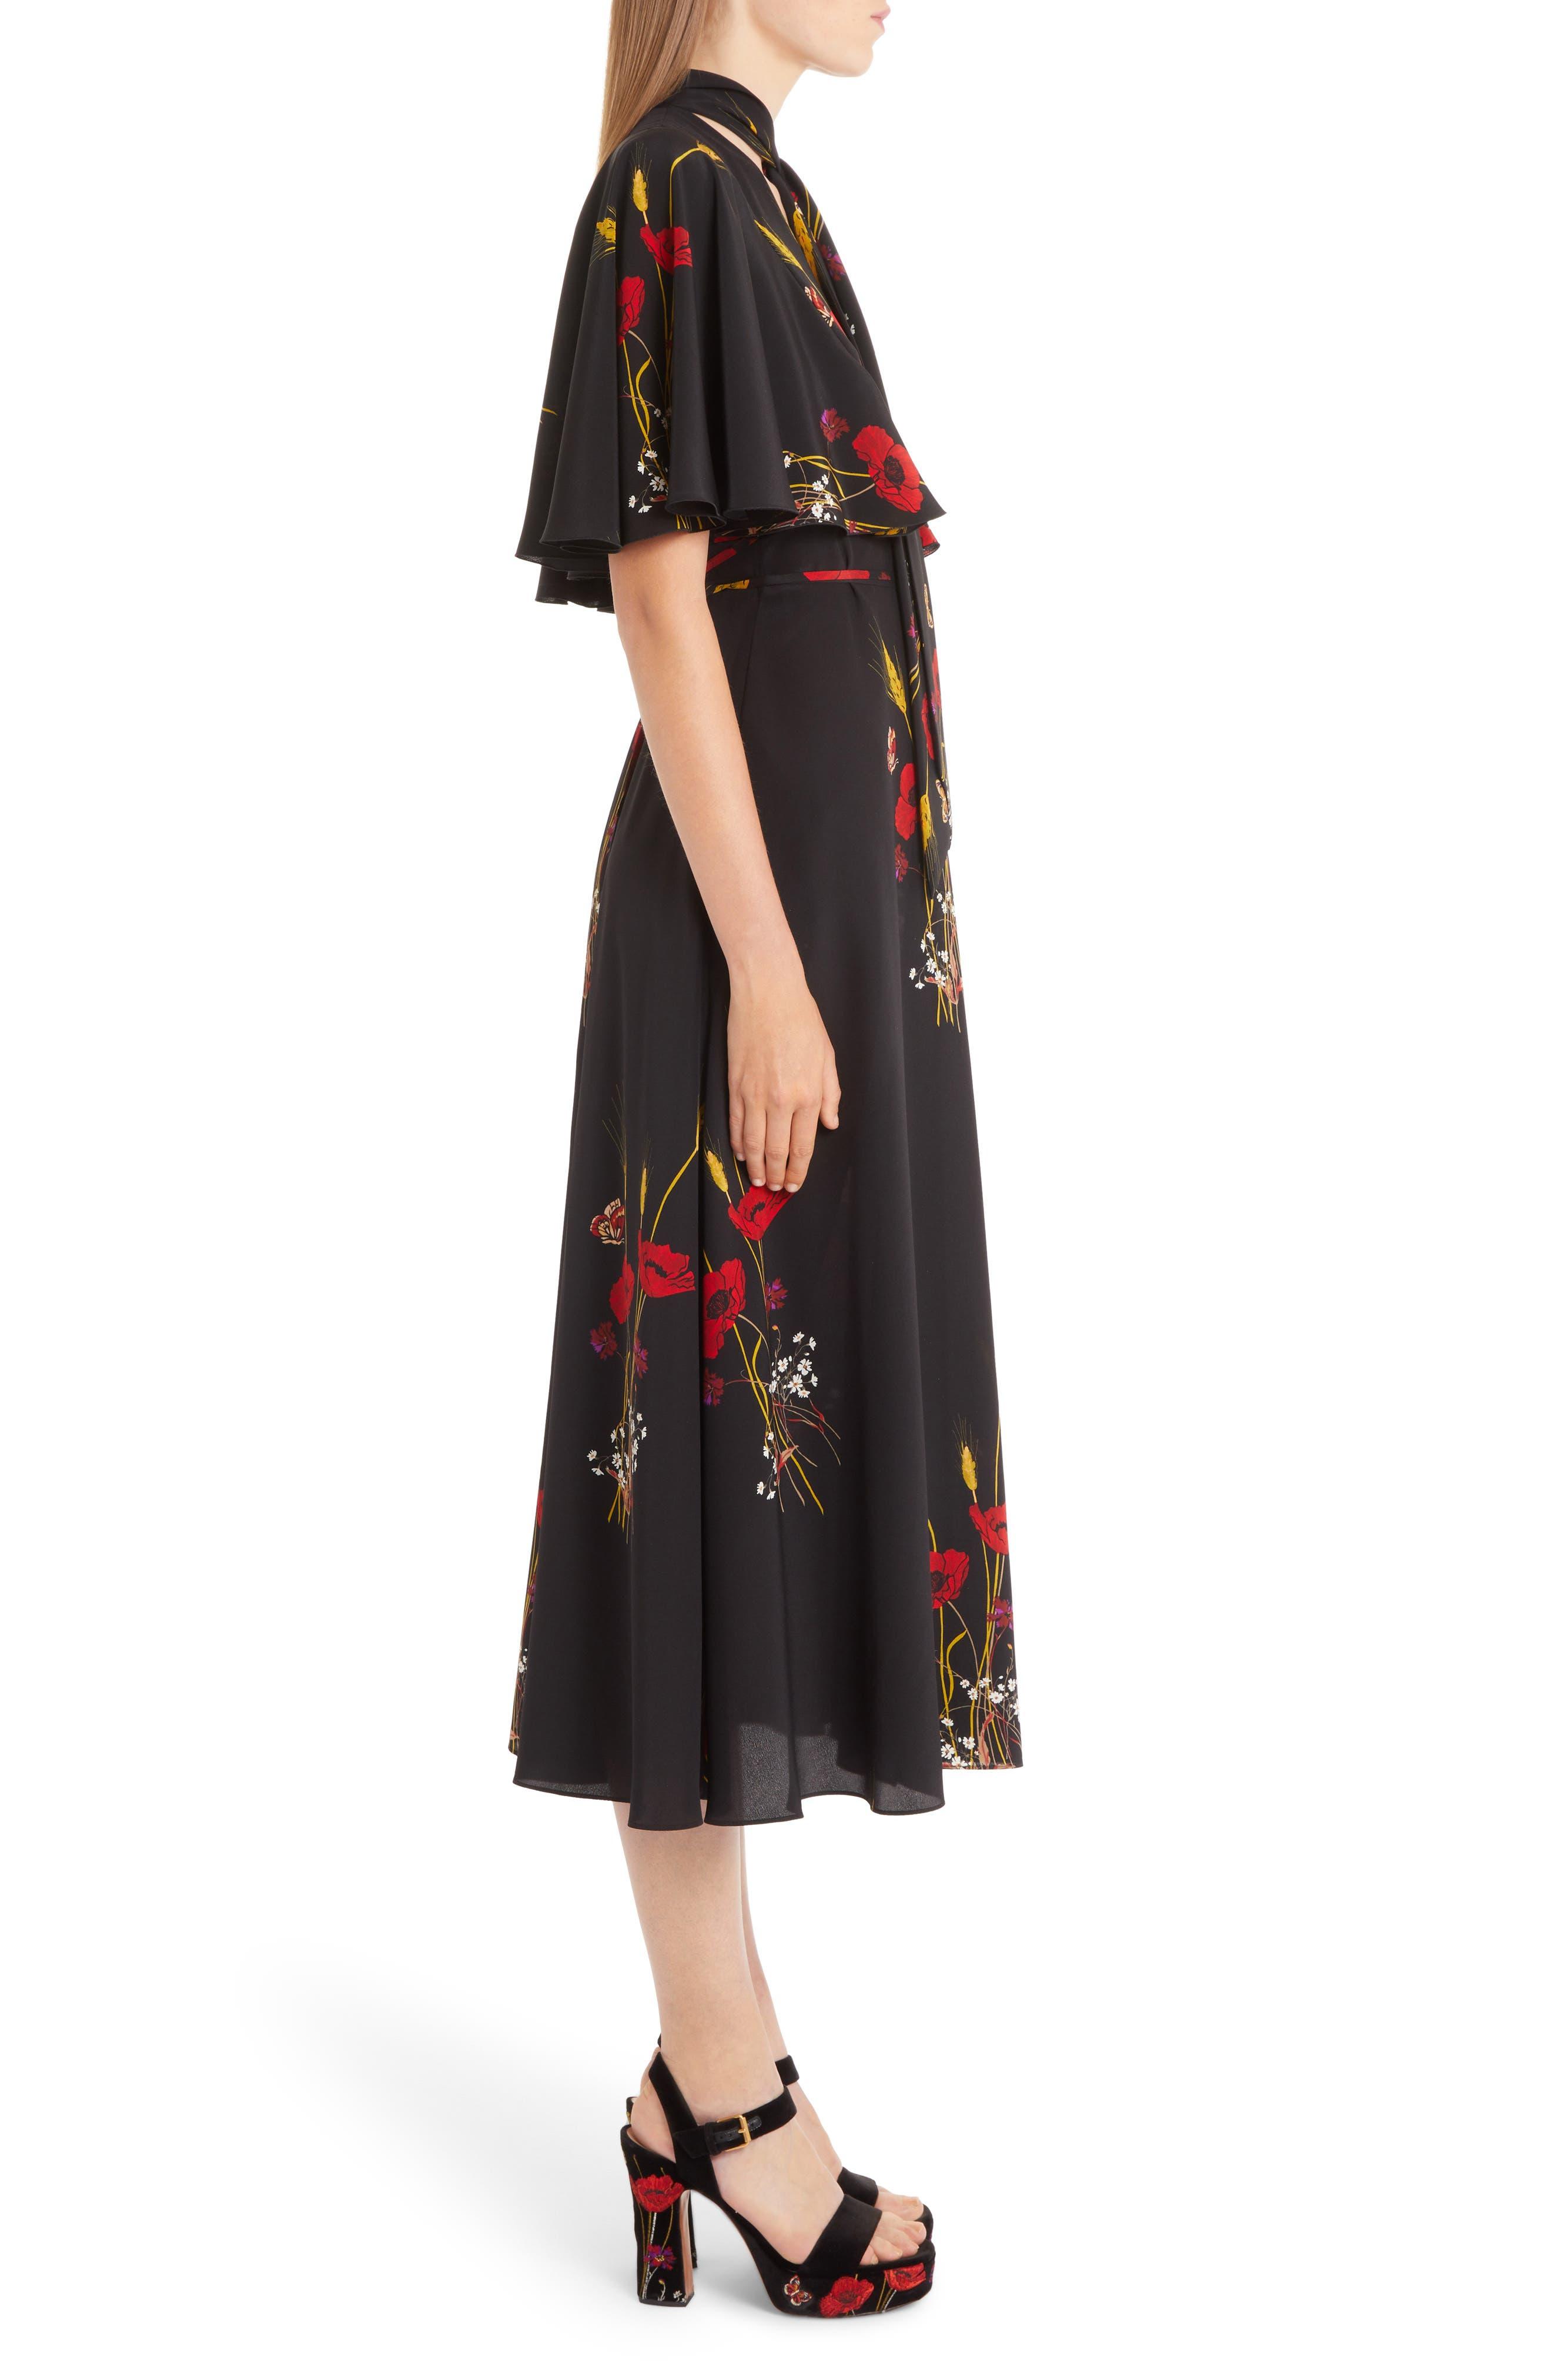 Floral Meadow Print Crêpe de Chine Faux Wrap Dress,                             Alternate thumbnail 3, color,                             BLACK/ MULTI COLOR